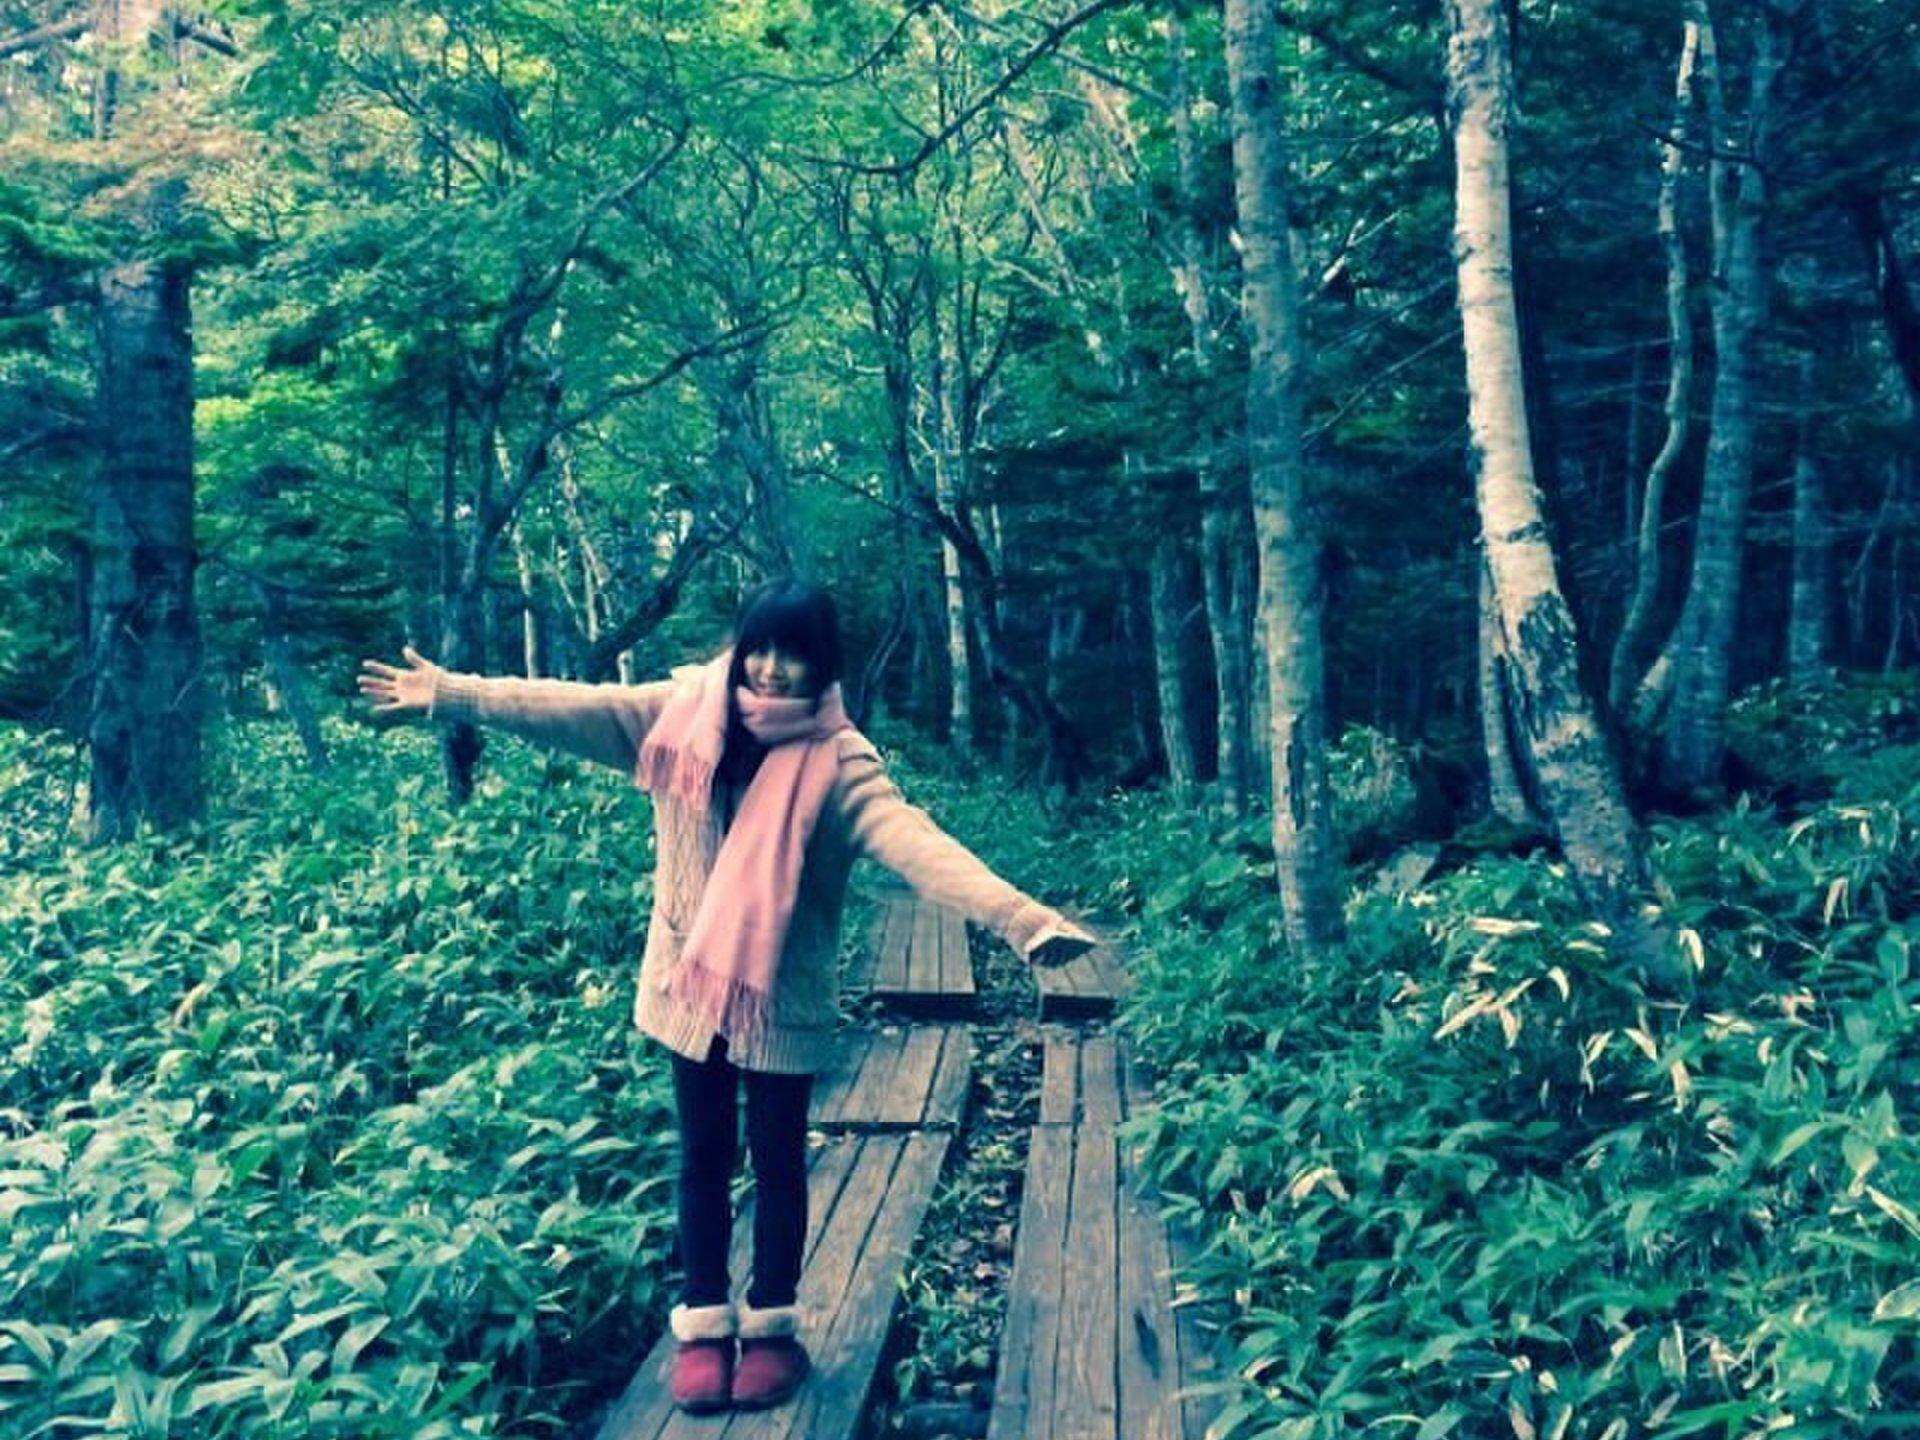 1度は行くべき世界遺産「大自然の北海道・知床」おすすめドライブ観光・グルメコース